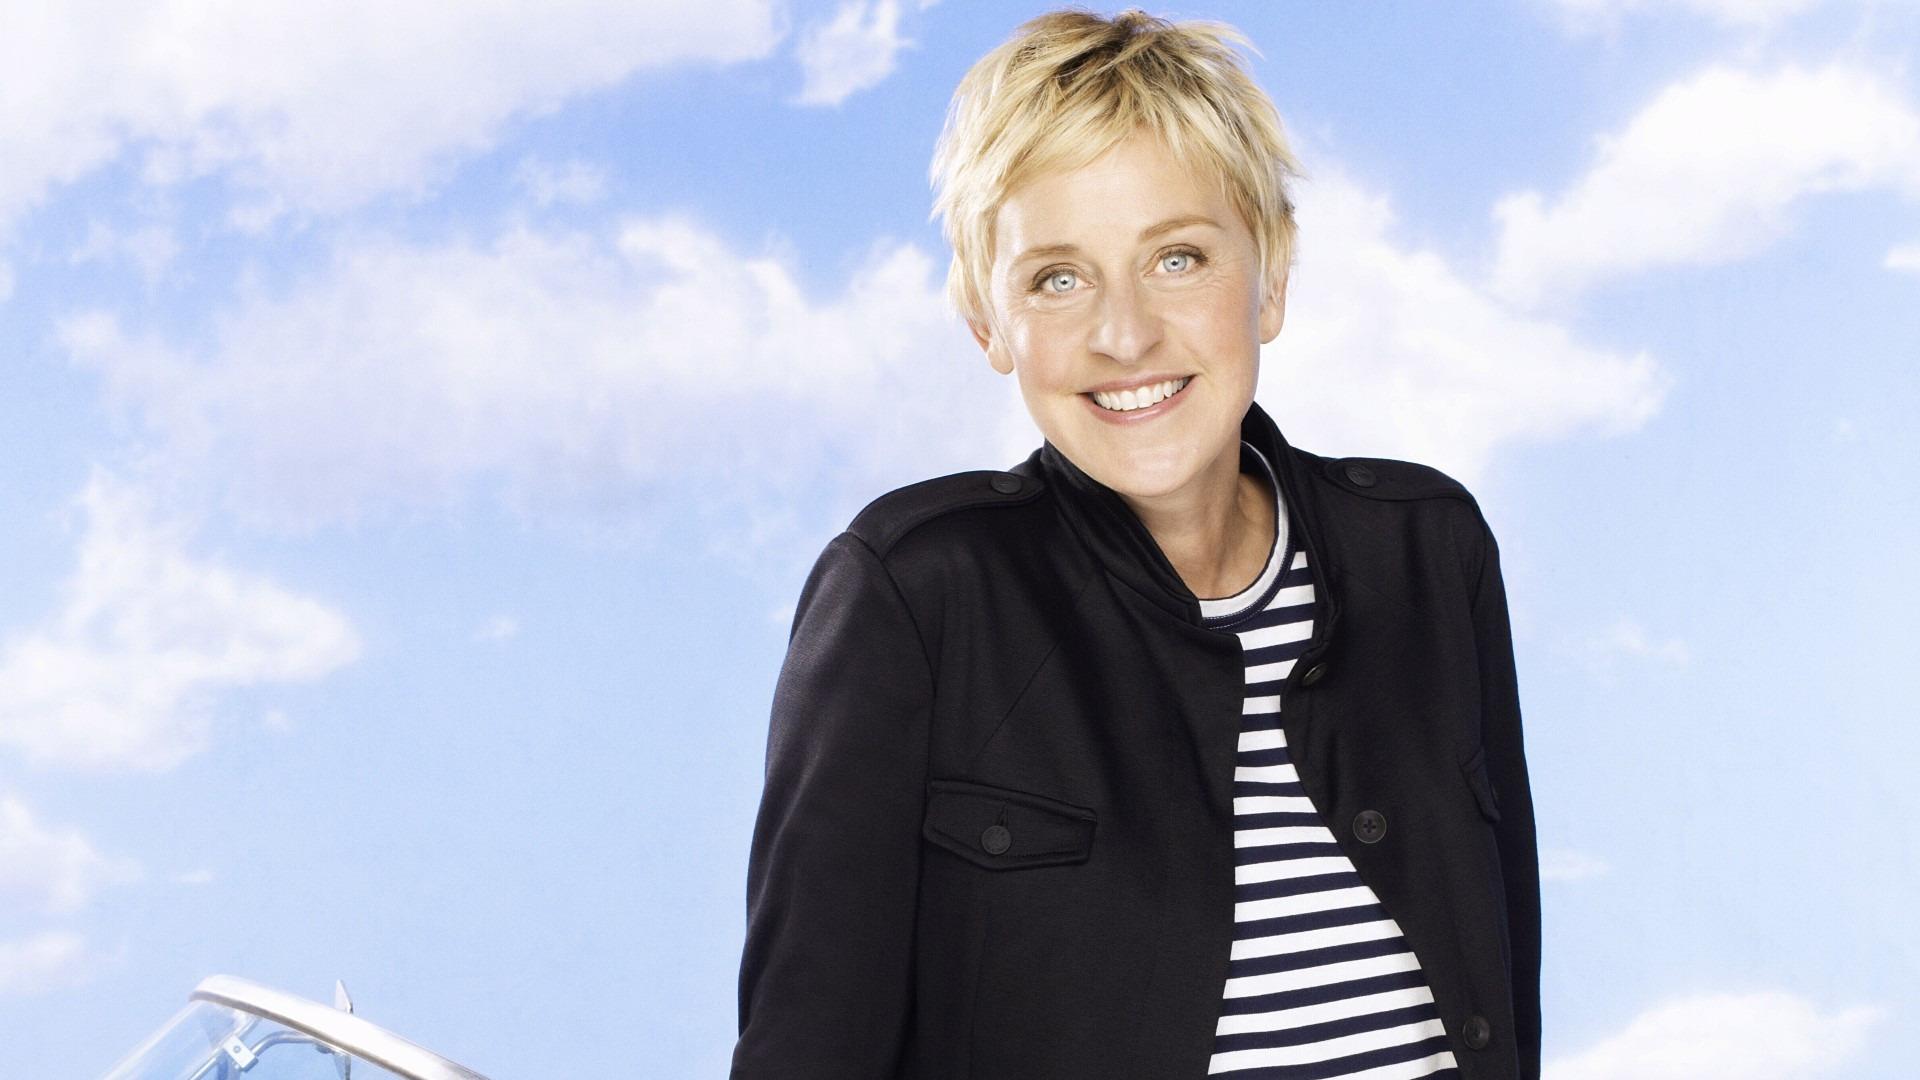 Show The Ellen DeGeneres Show